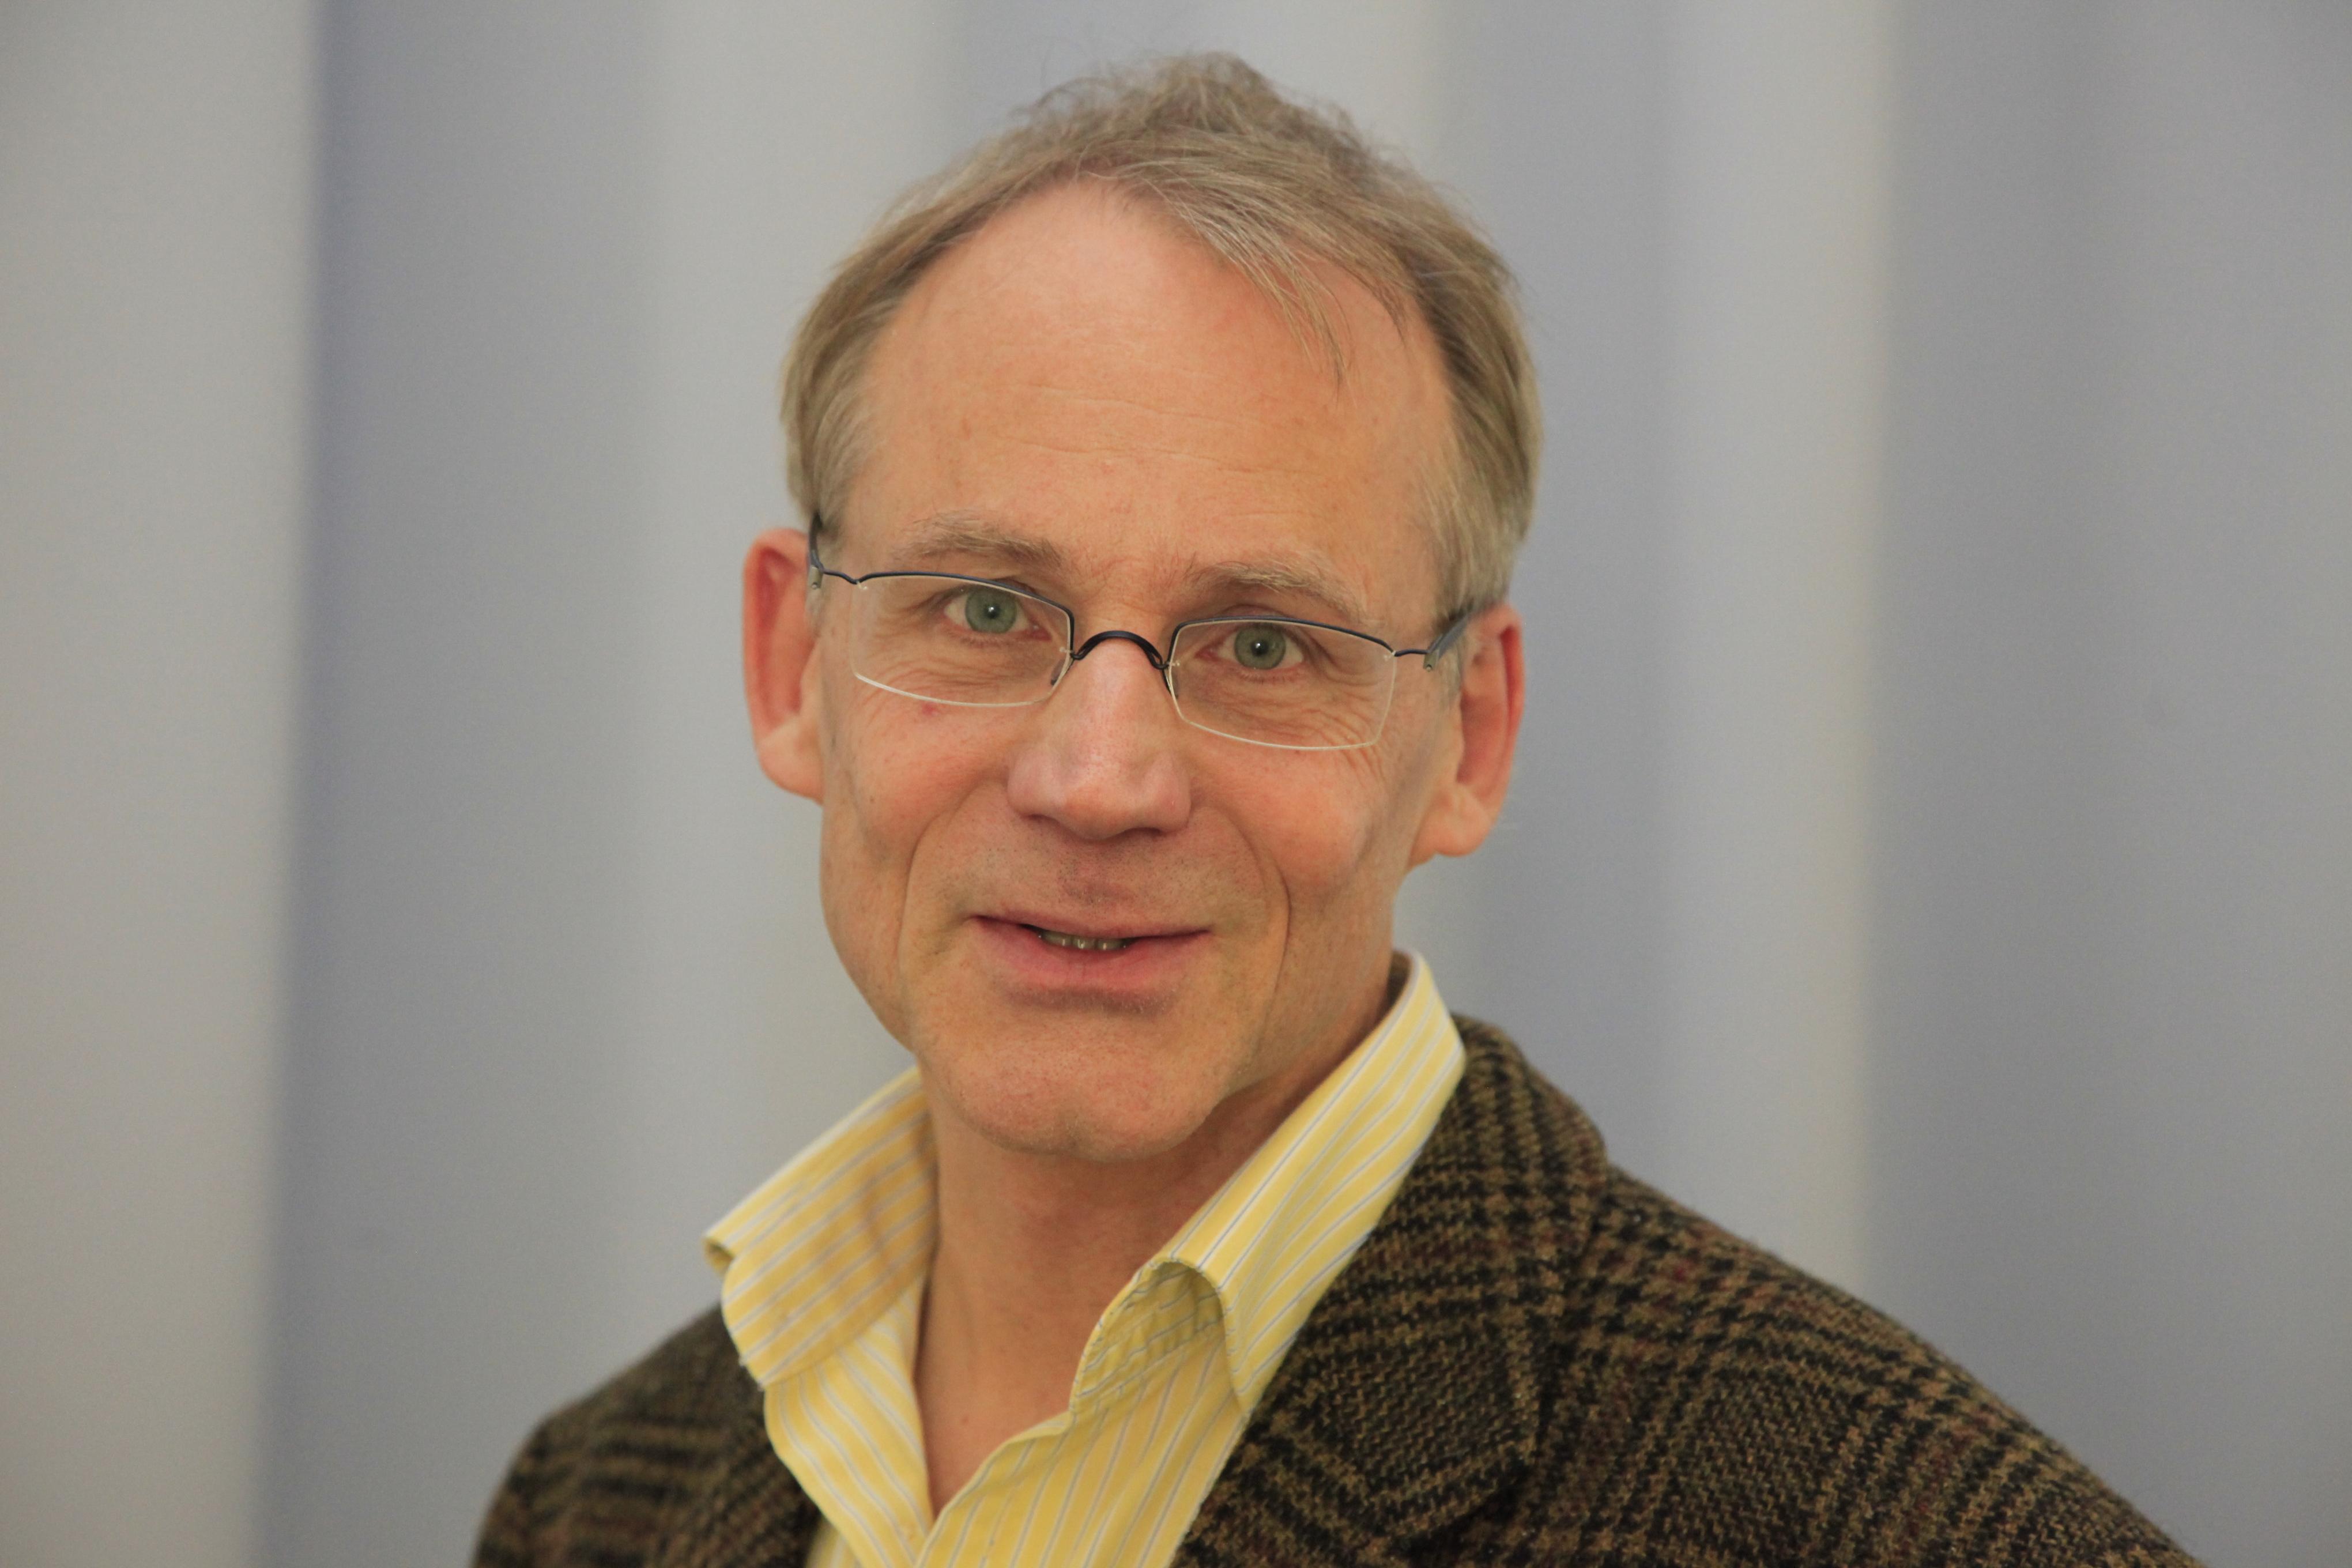 Gerhard Dannemann